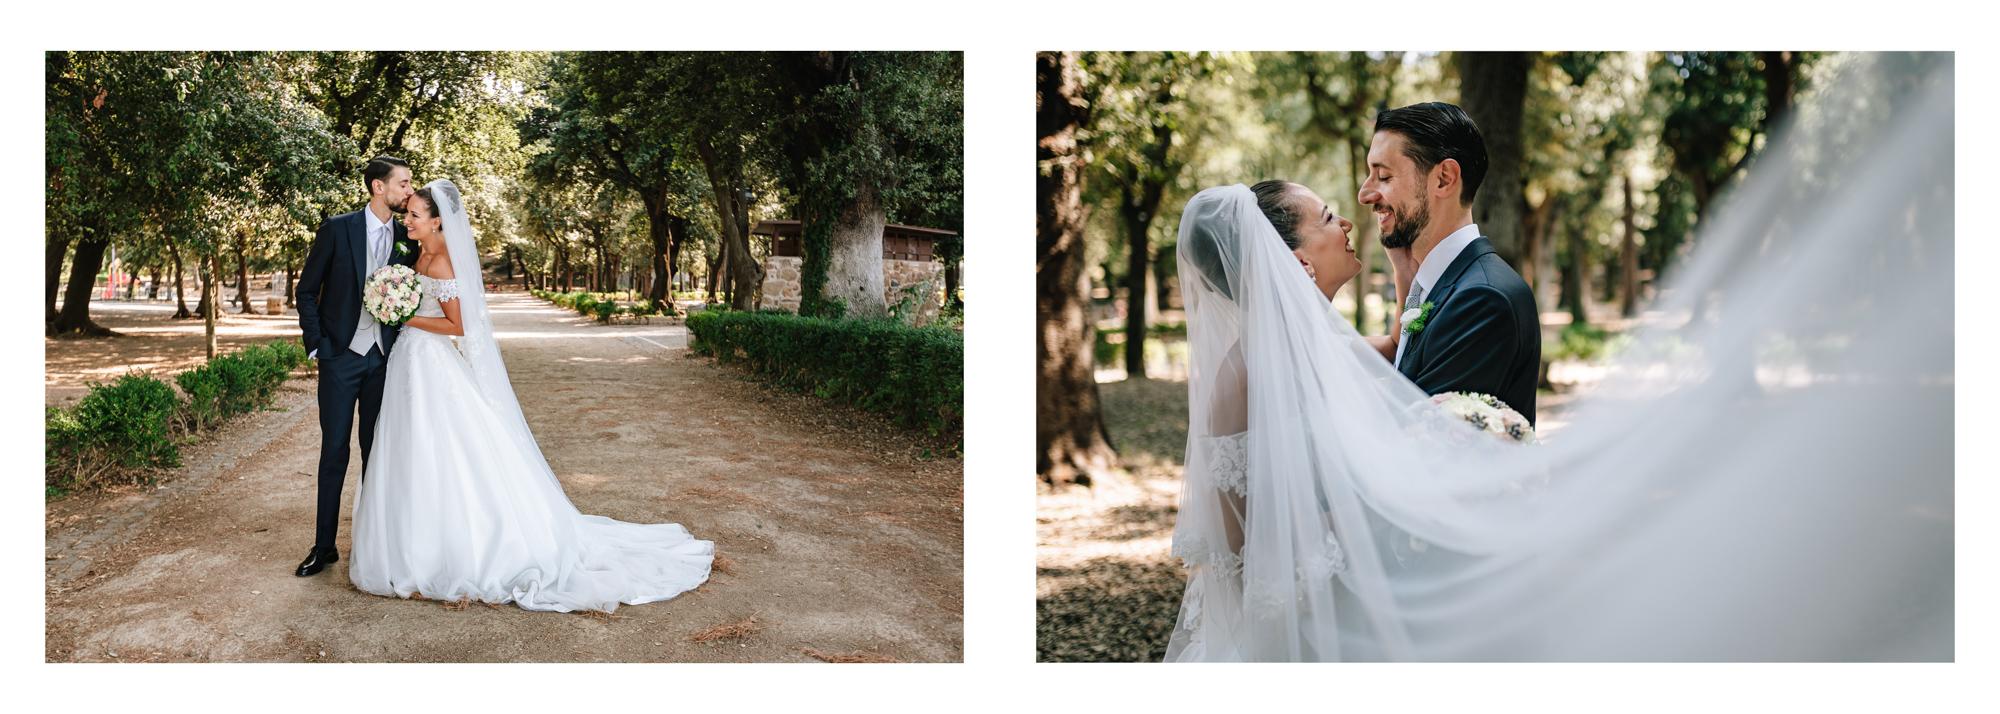 foto coppia sposi matrimonio frascati